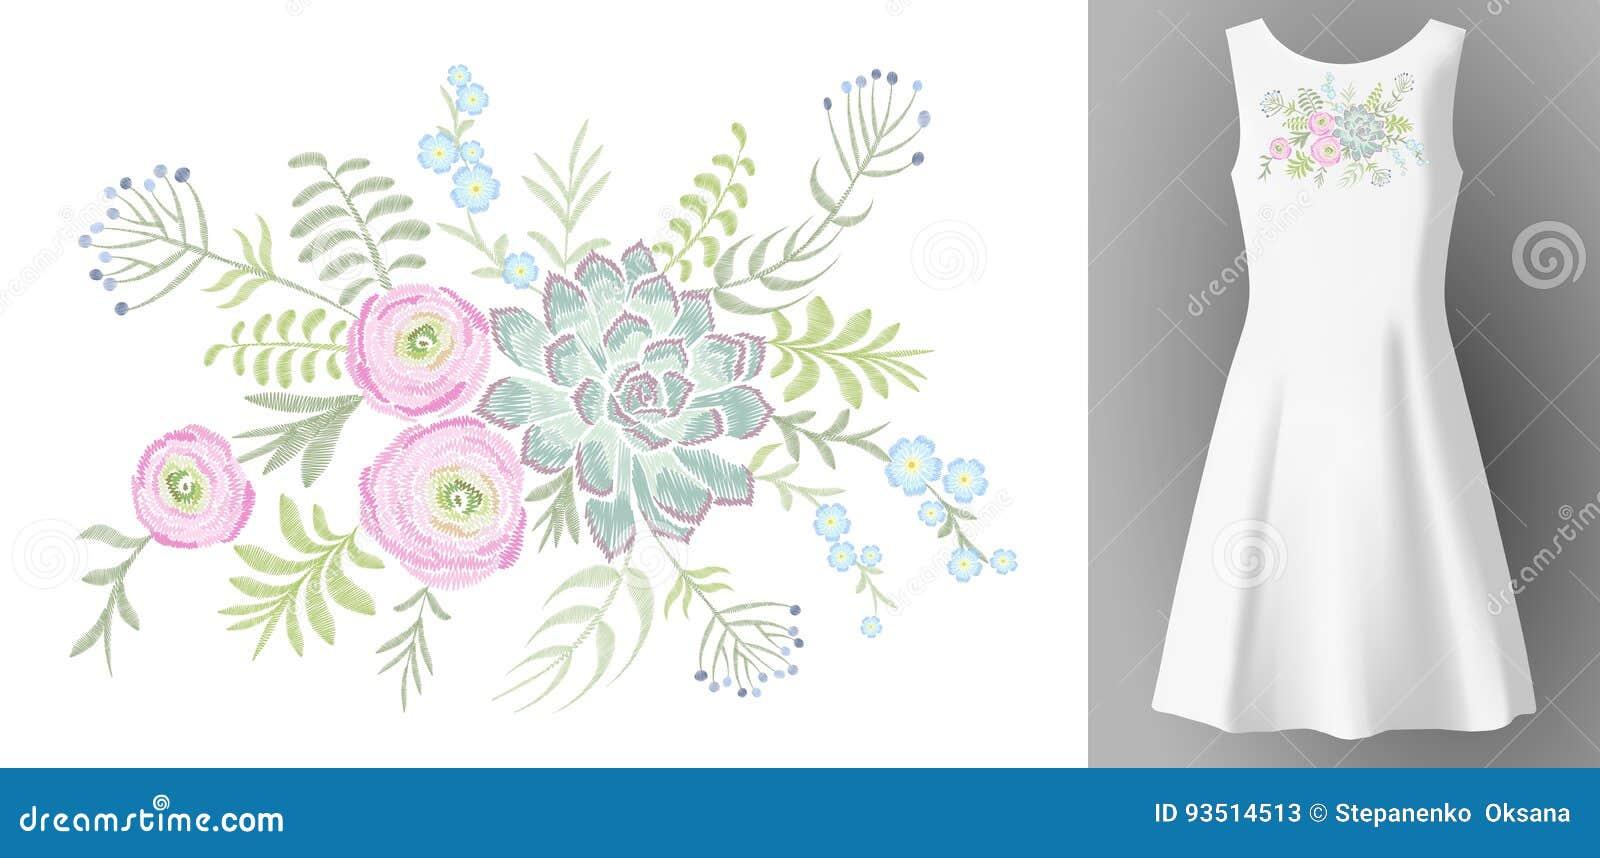 Mofa realista blanca del vestido 3d de la mujer encima de la decoración de la moda del bordado de flores Escote suculento del rem